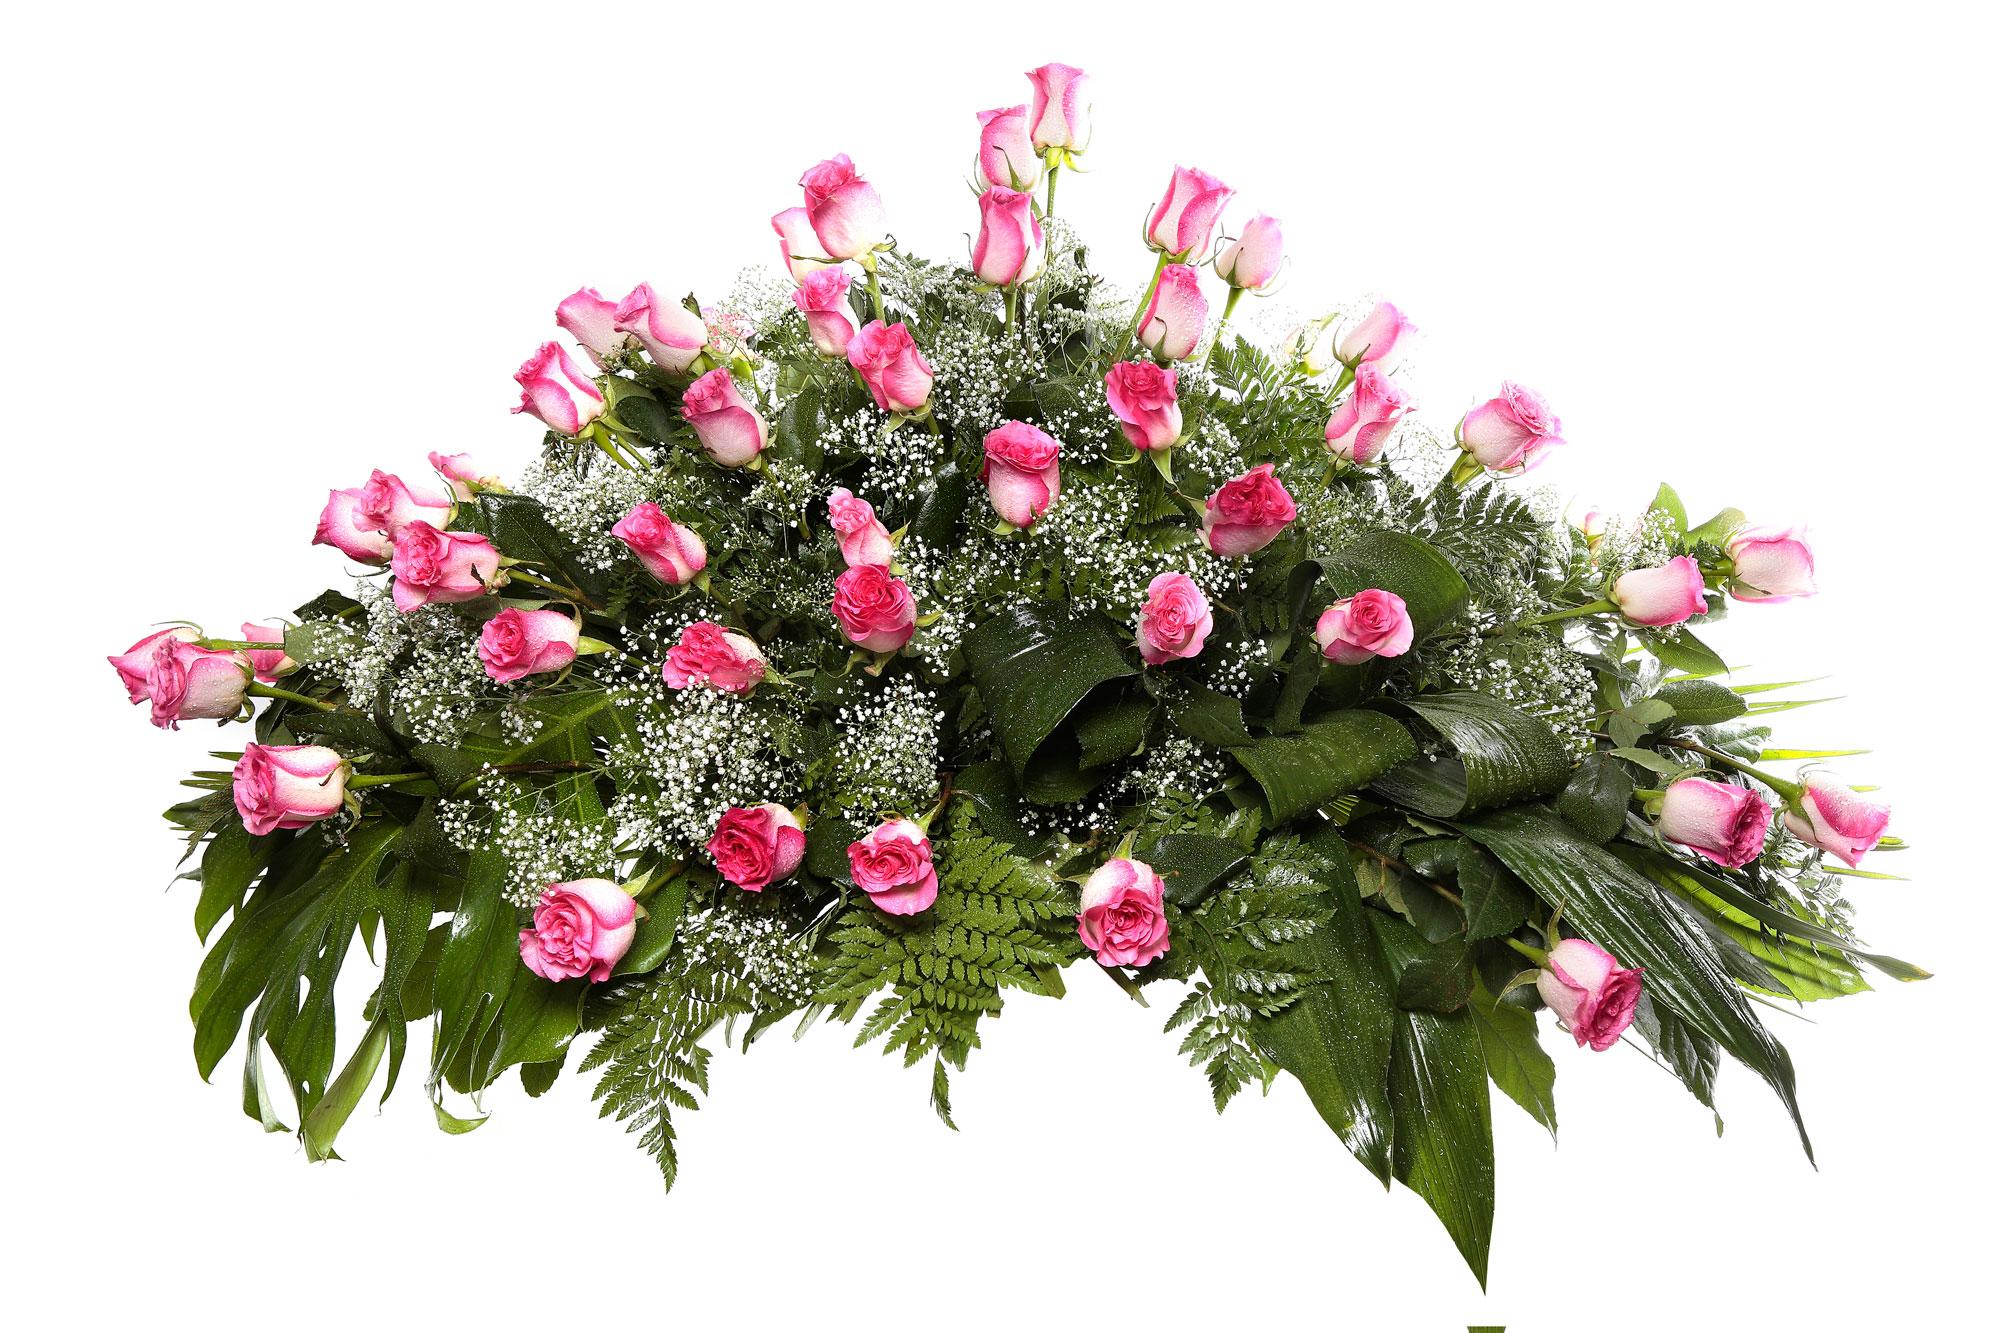 Palma flores tanatorio 12 c palmas flores naturales tienda online los jardines tanatorios - Esquelas leon los jardines ...